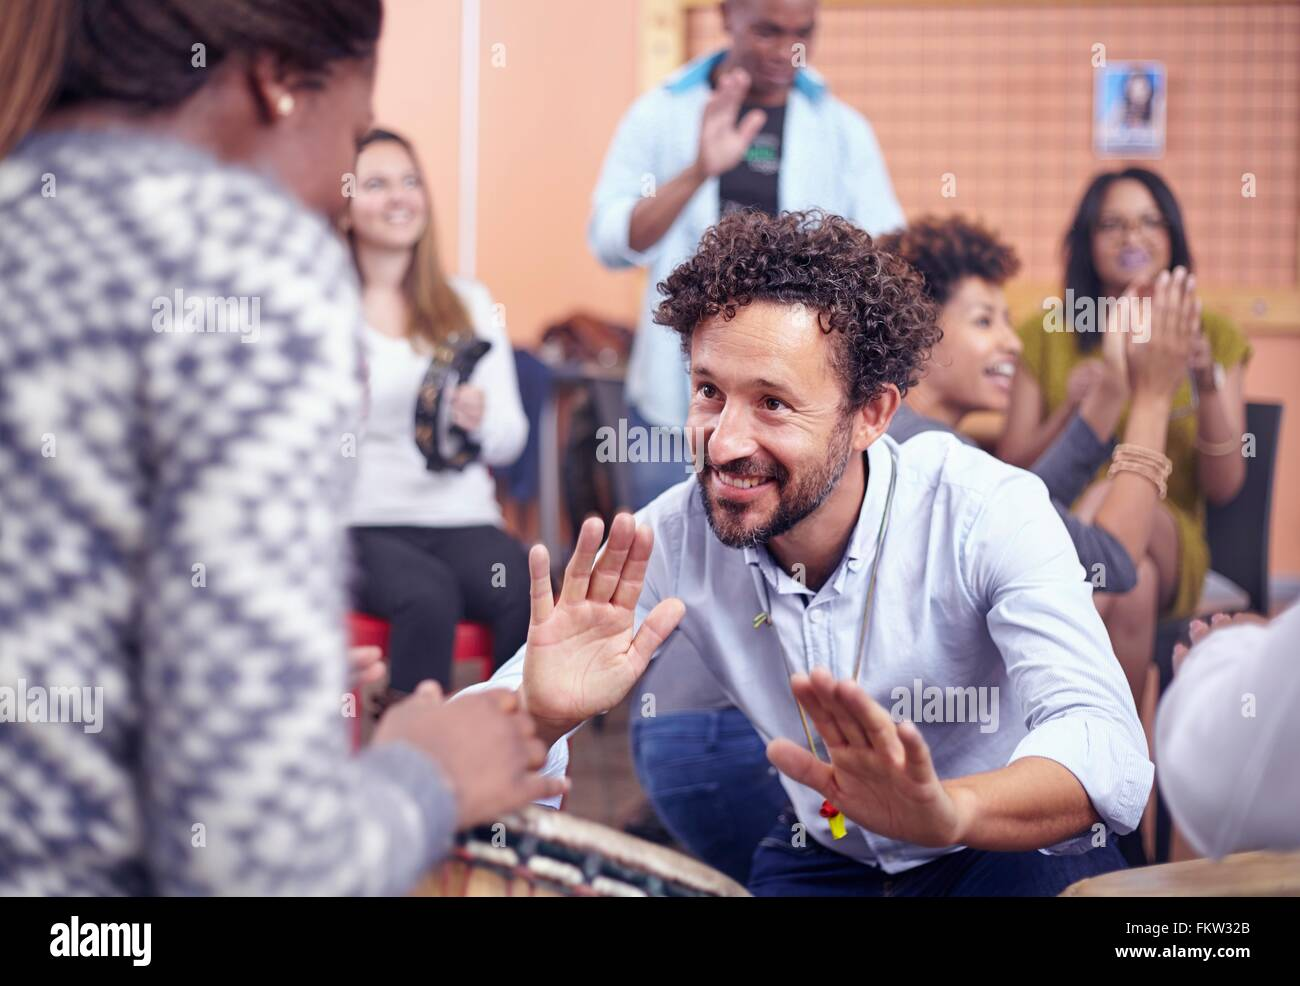 Amis jouant des instruments de musique et danse, smiling Photo Stock